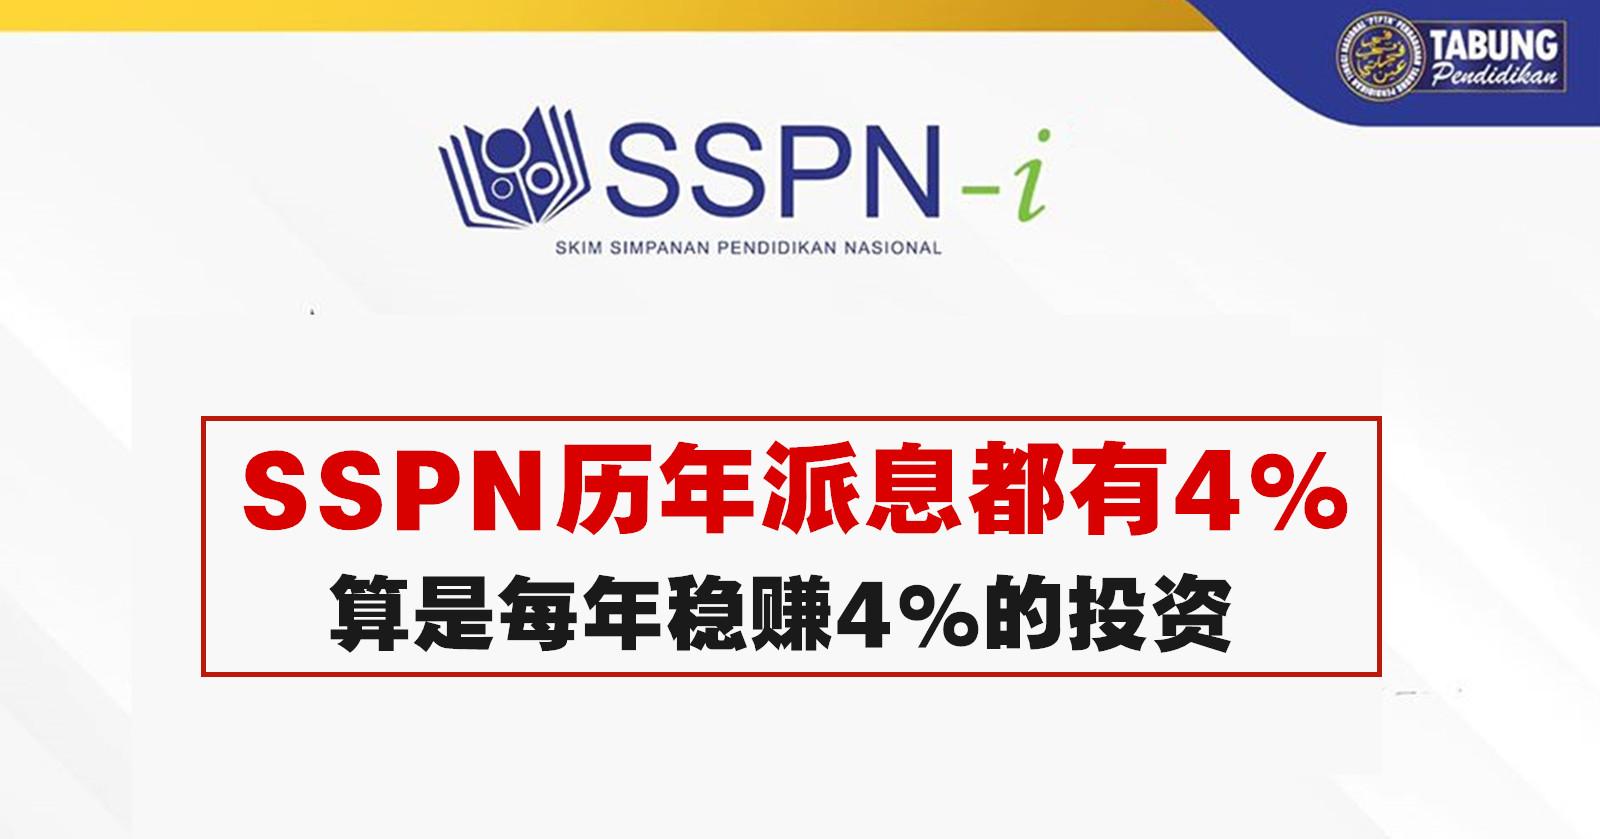 SSPN历年派息都有4%,每年稳赚4%的投资